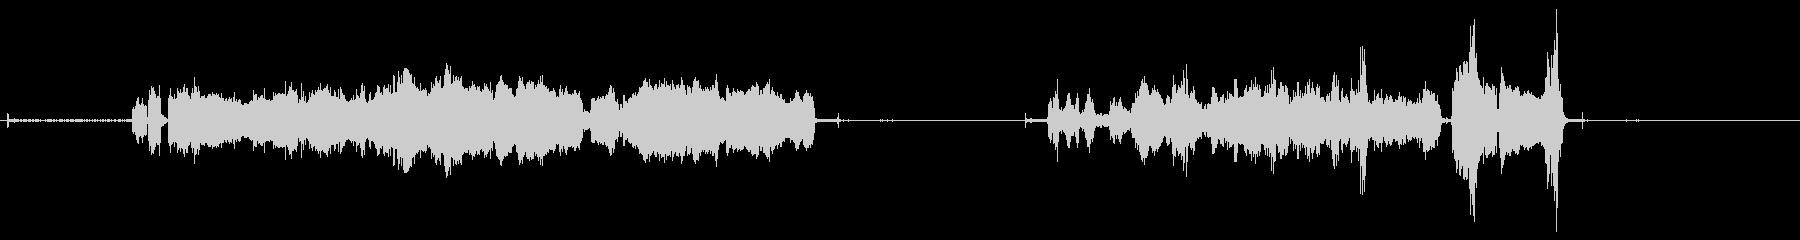 グラインダー、電気ディスクグライン...の未再生の波形